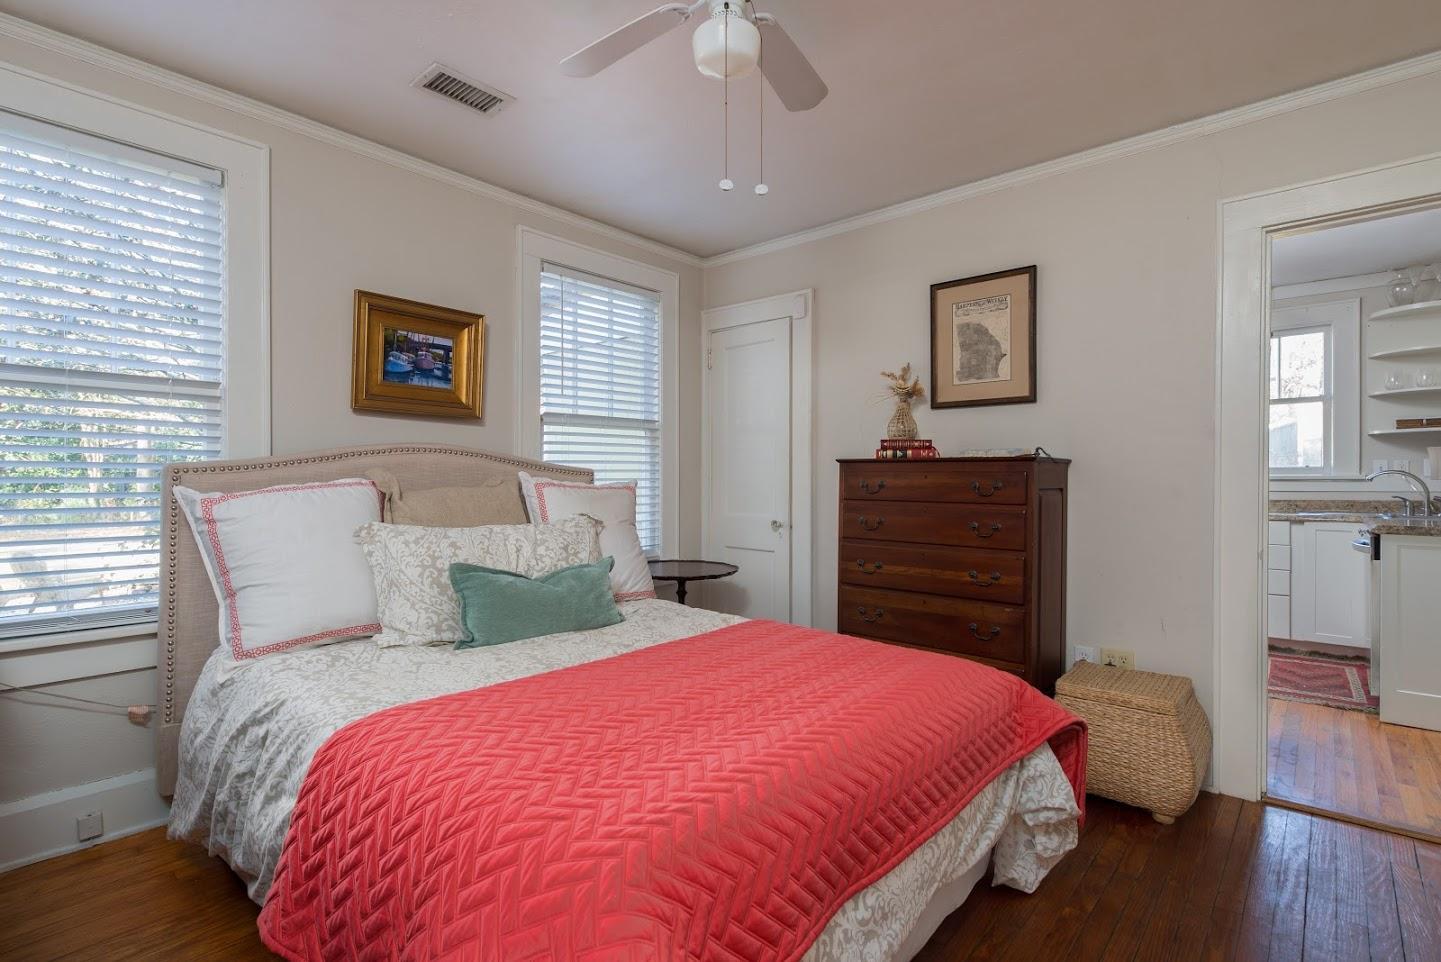 Home for sale 27 Avondale Avenue, Avondale, West Ashley, SC